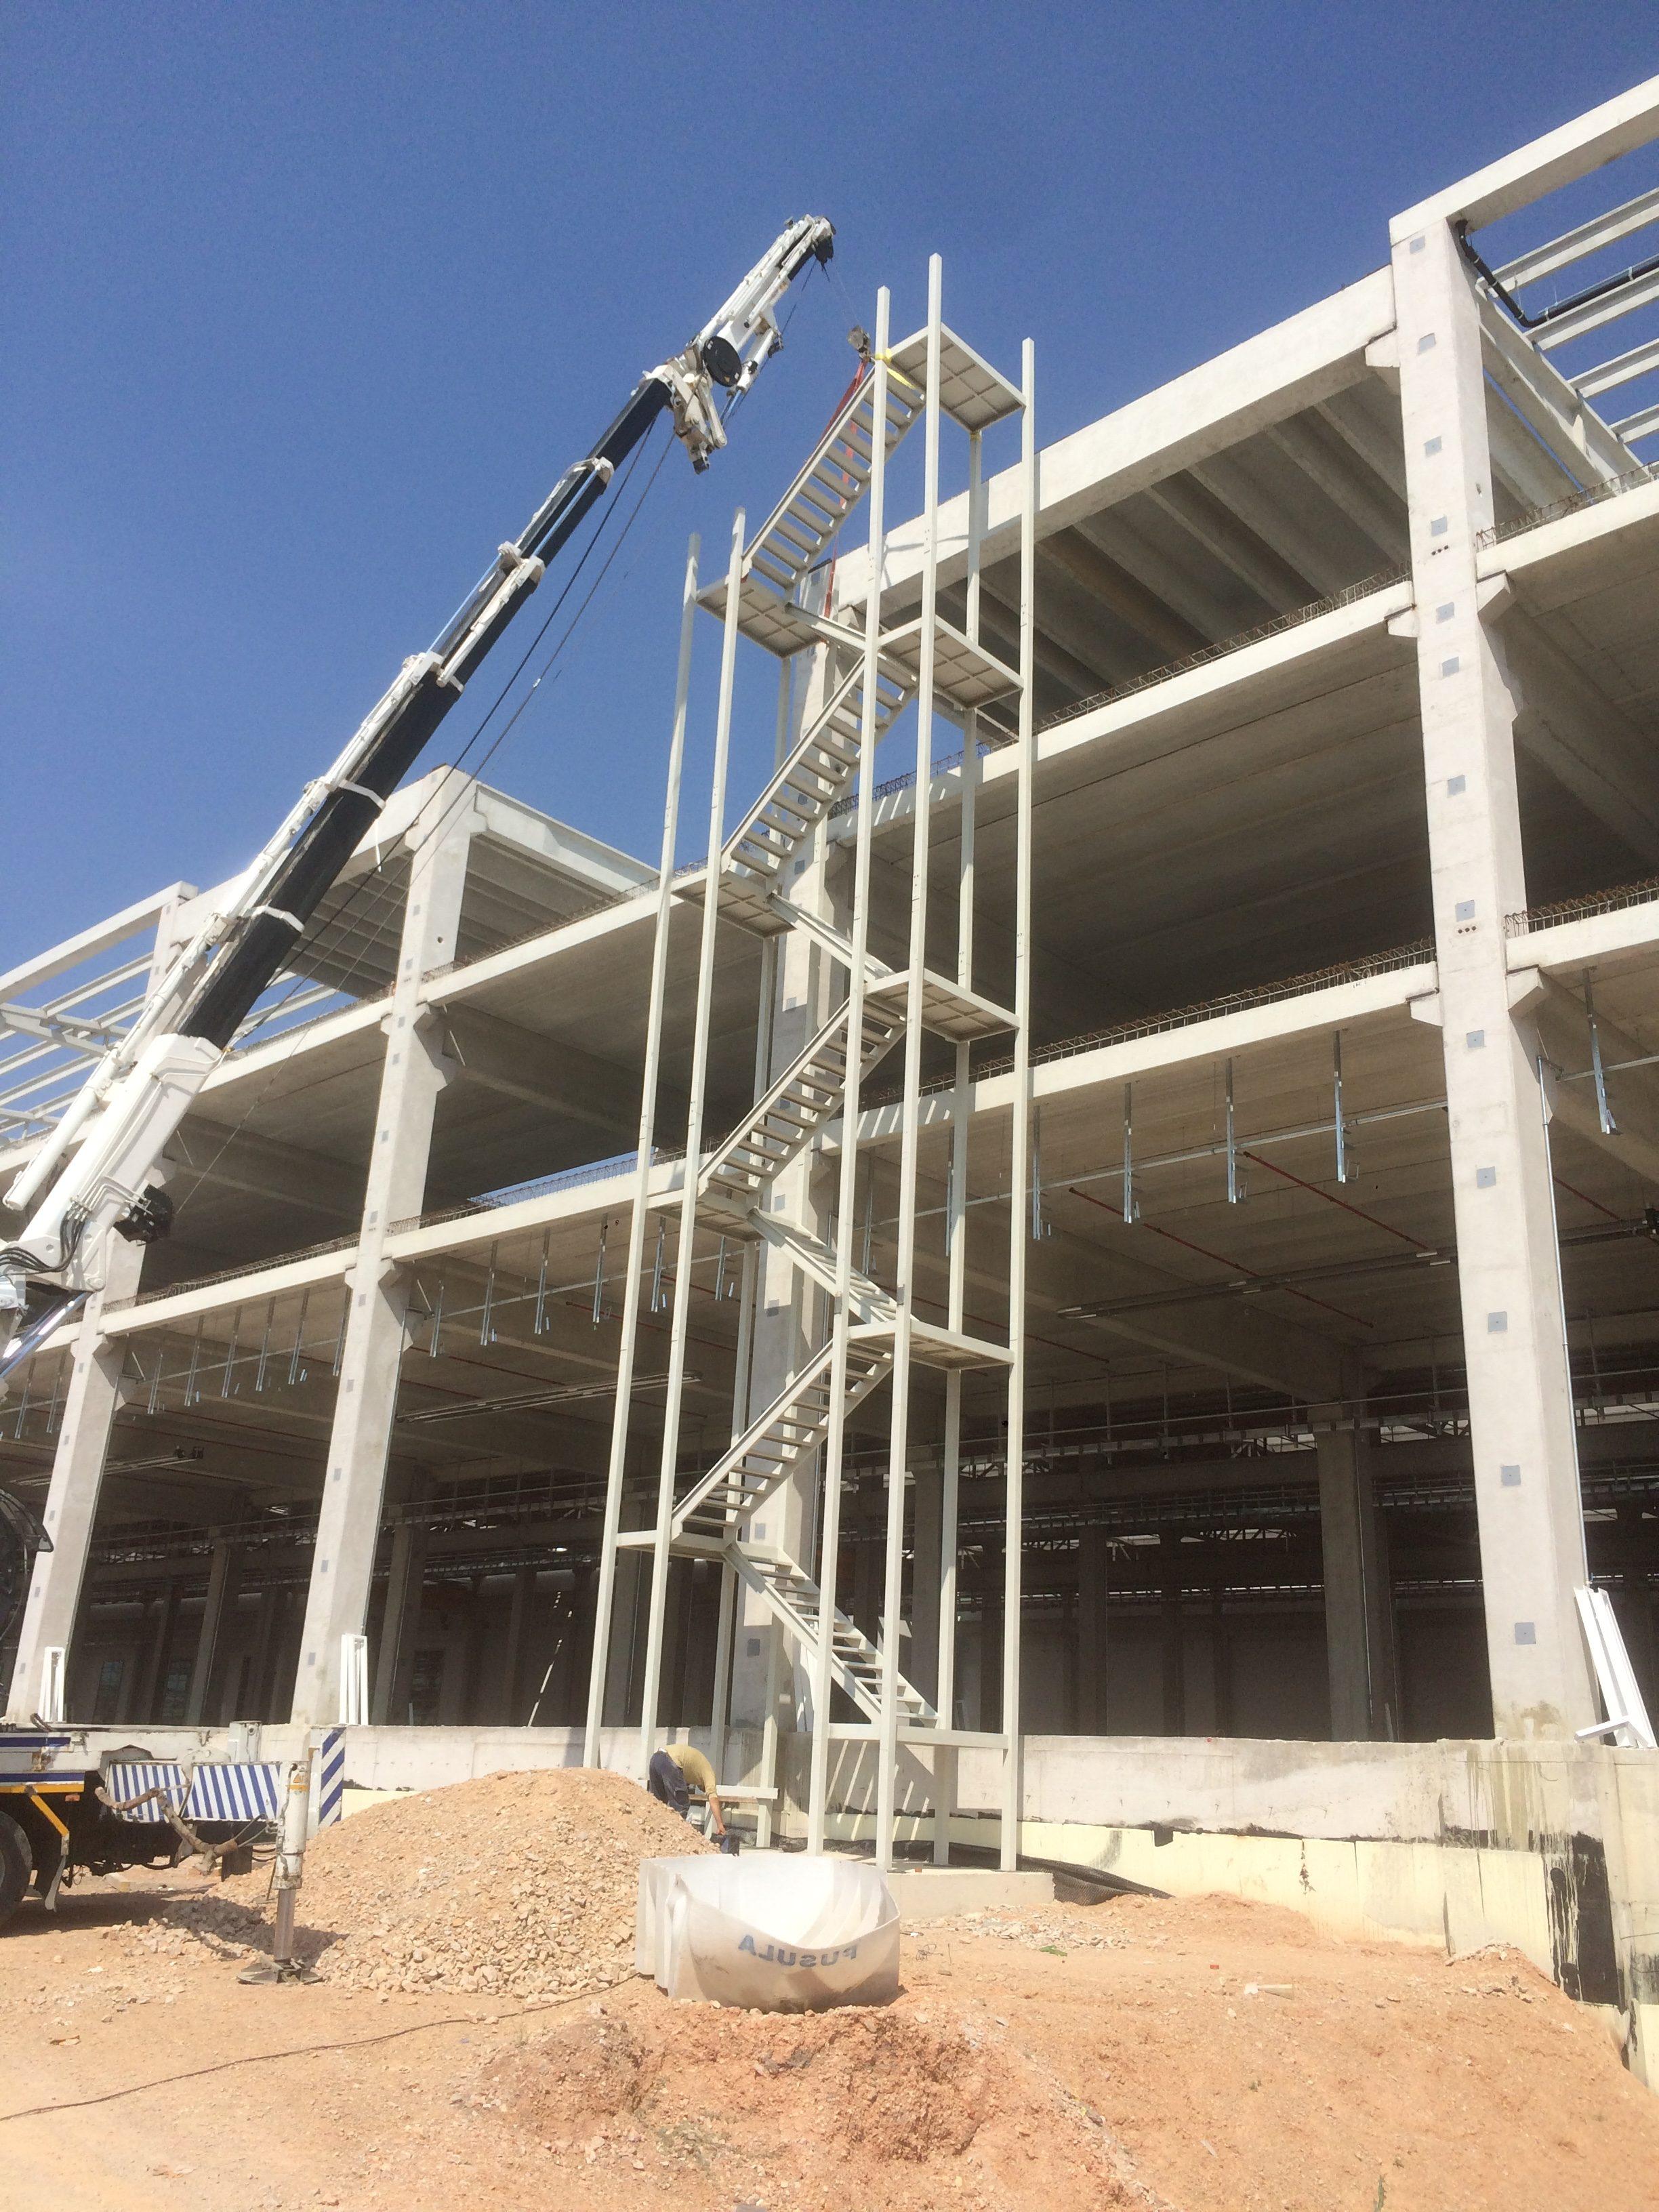 Bozankaya A.Ş. Çelik Konstrüksiyon Merdiven Yapımı